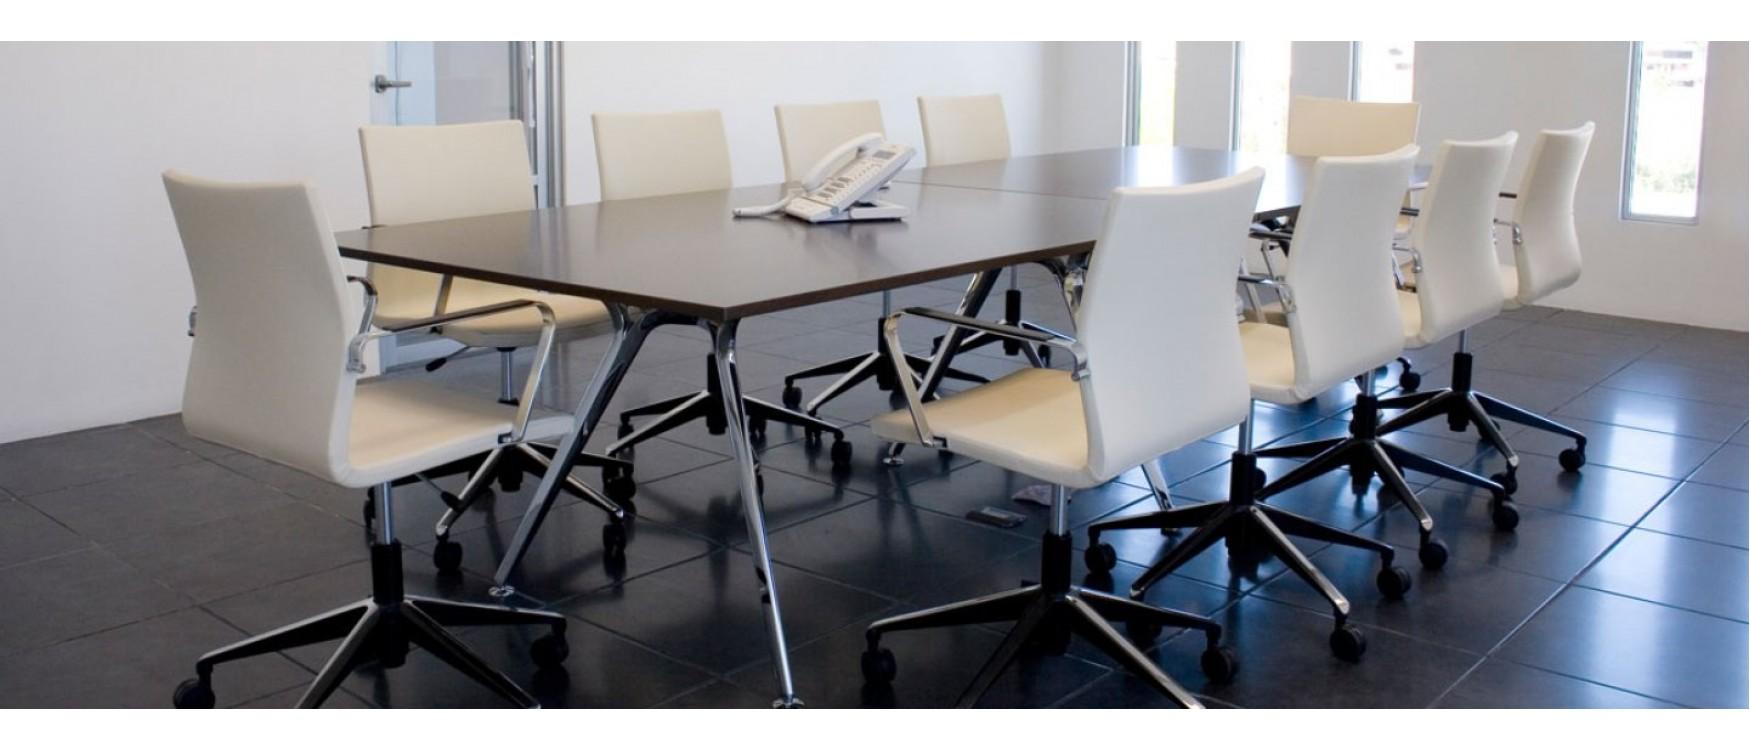 Mobiliario de oficina online fabrica de muebles escolares for Mobiliario oficina online